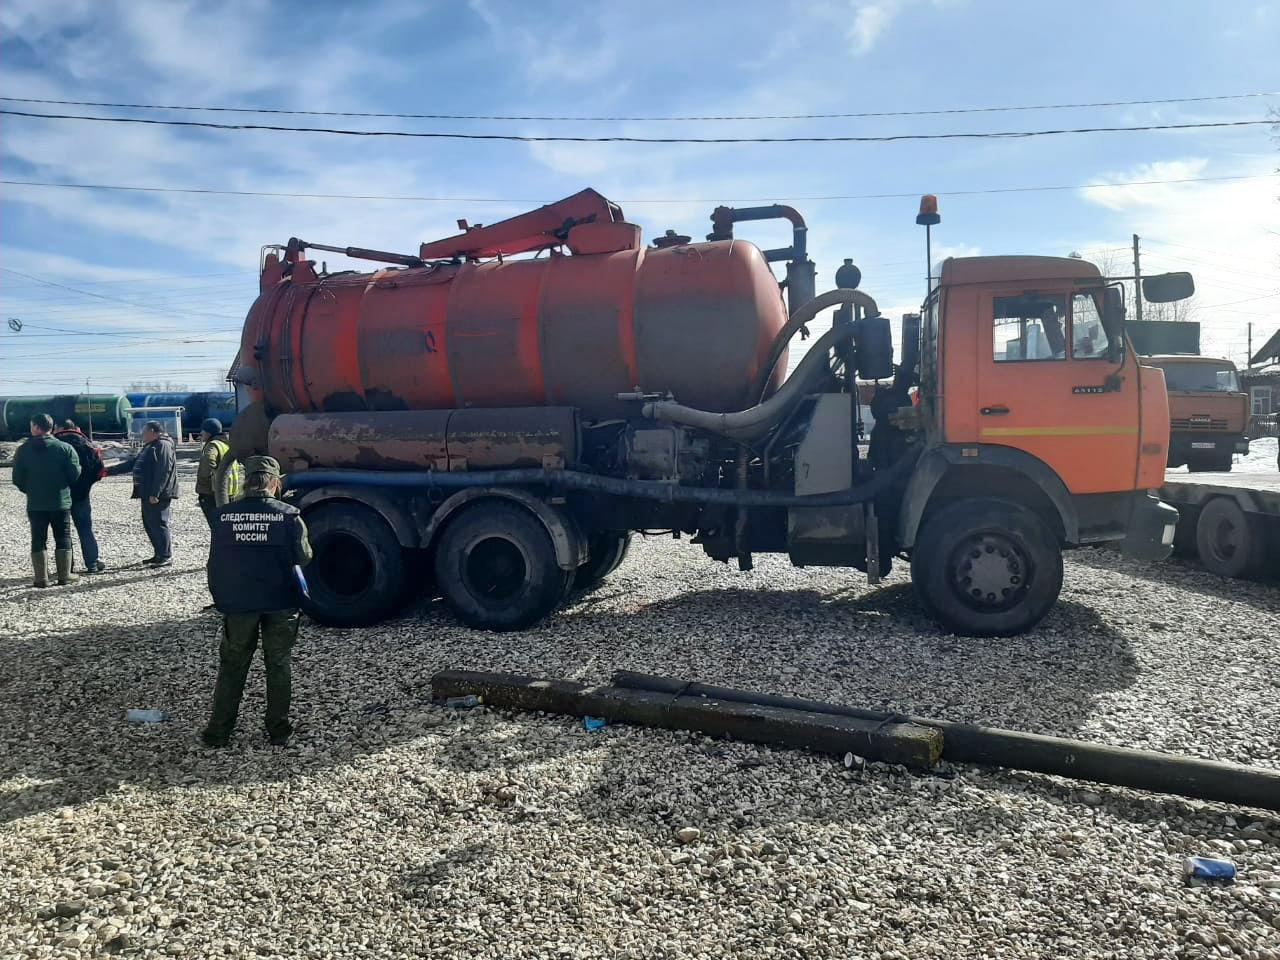 Мужчину в Тверской области насмерть придавило цистерной с водой